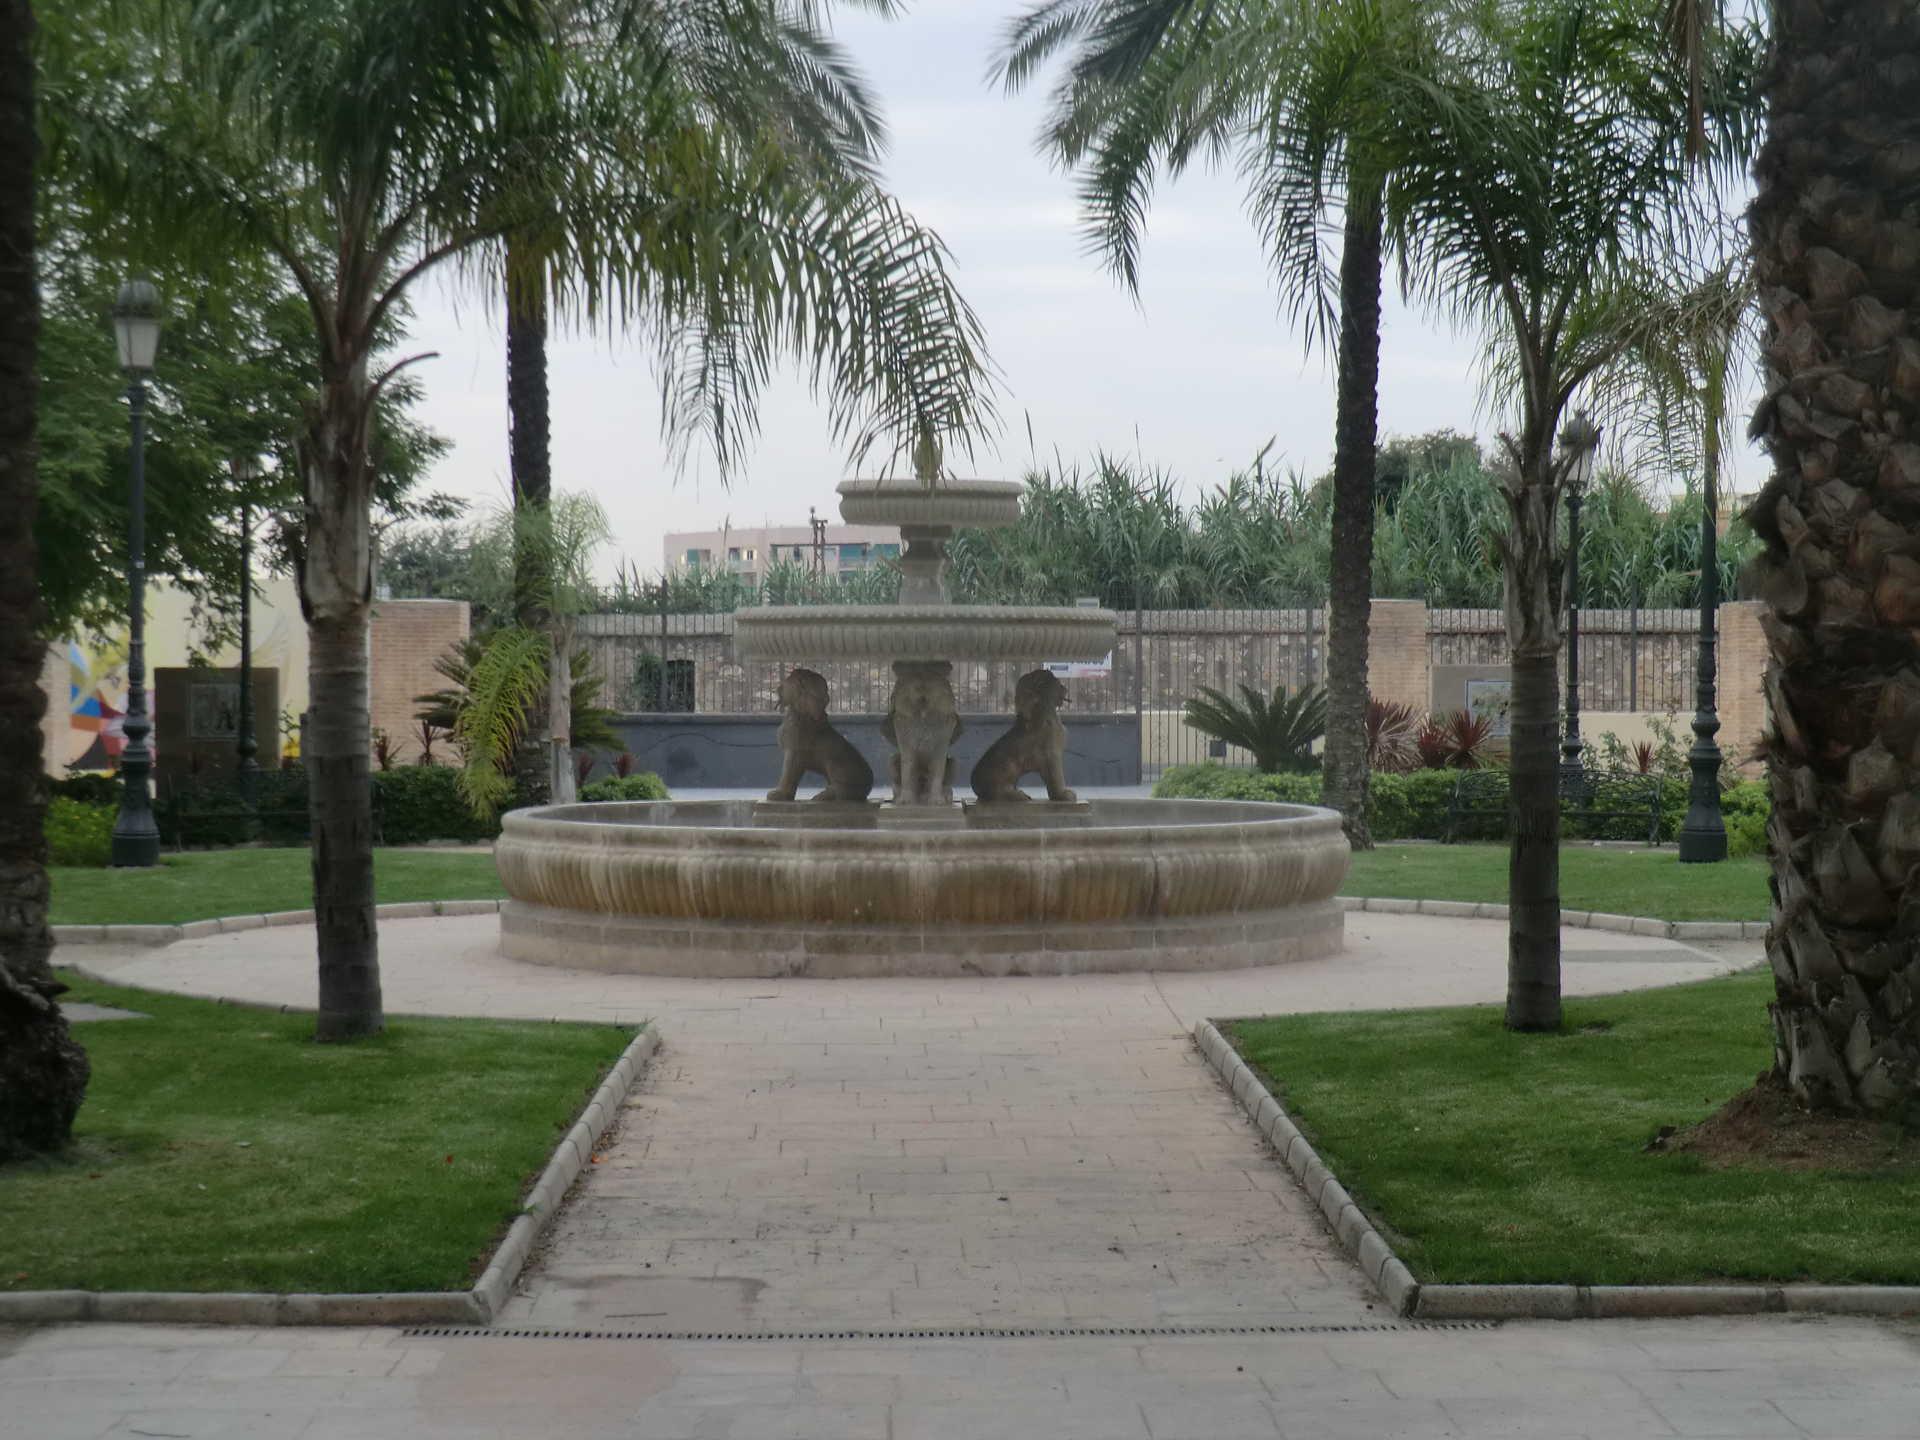 Parque Los Filtros Manises